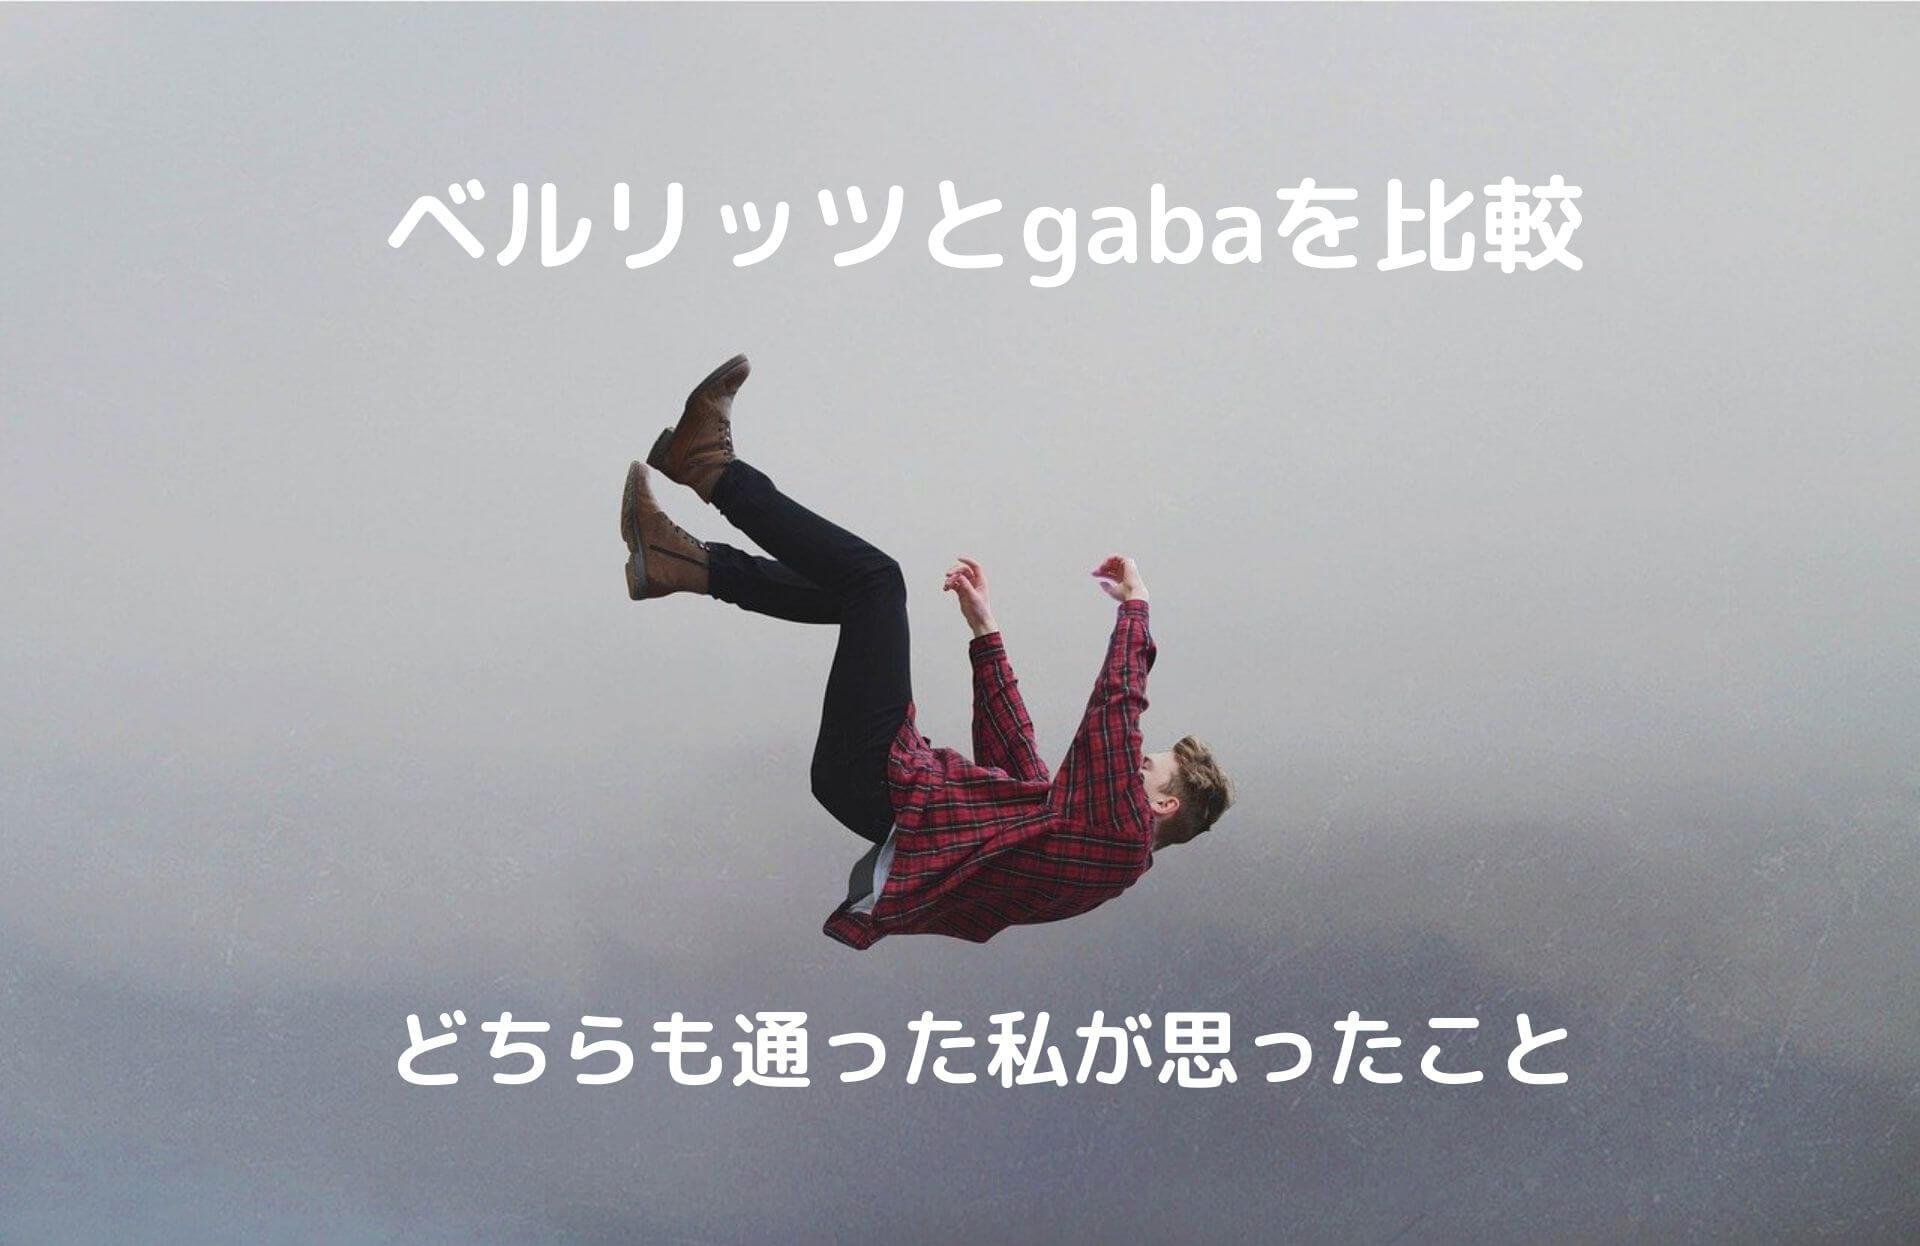 ベルリッツとgabaを比較記事のアイキャッチ画像